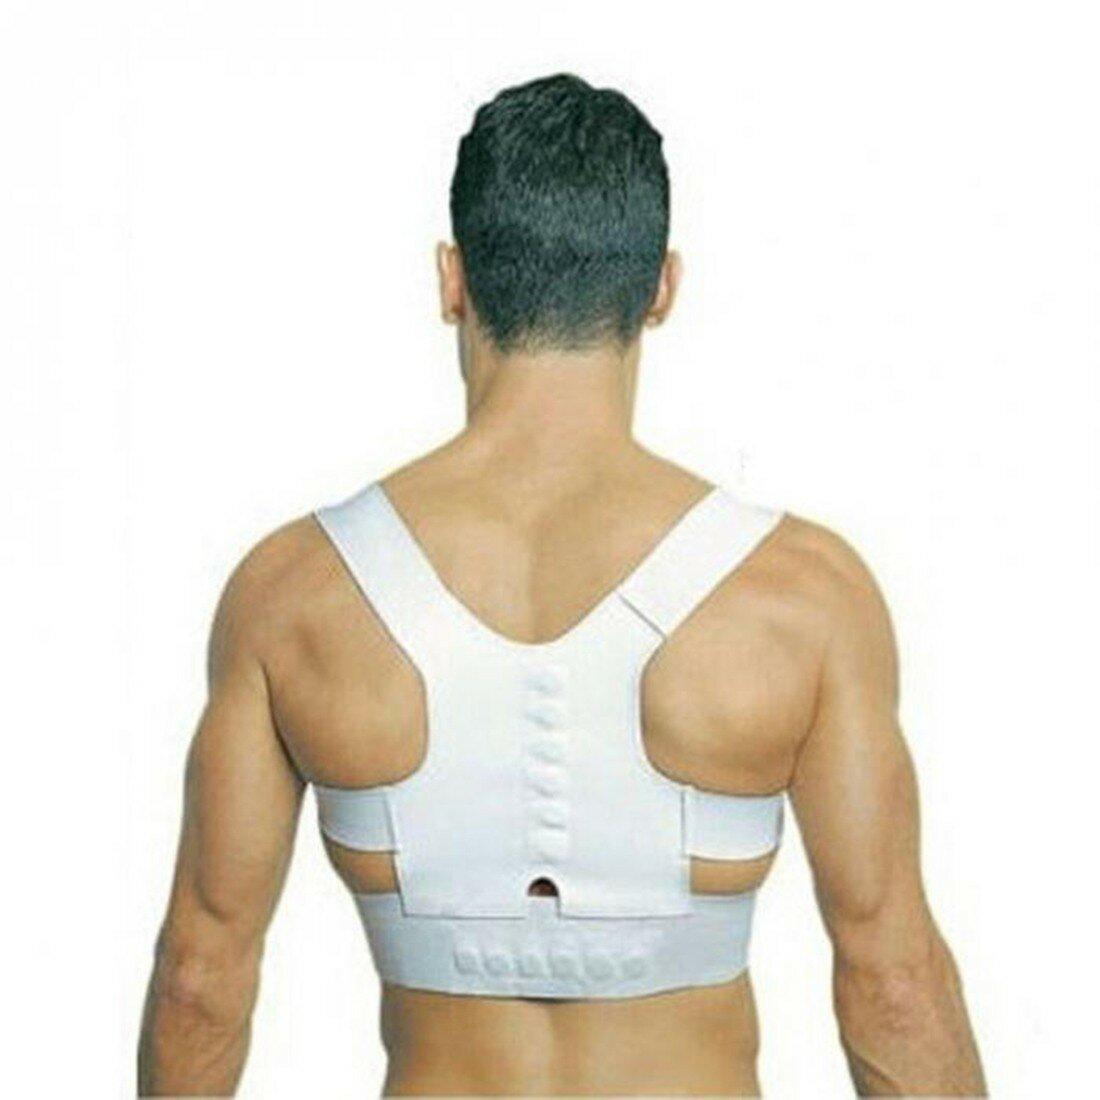 Магнитный корректор спины Magnetic Posture Support в Калтане